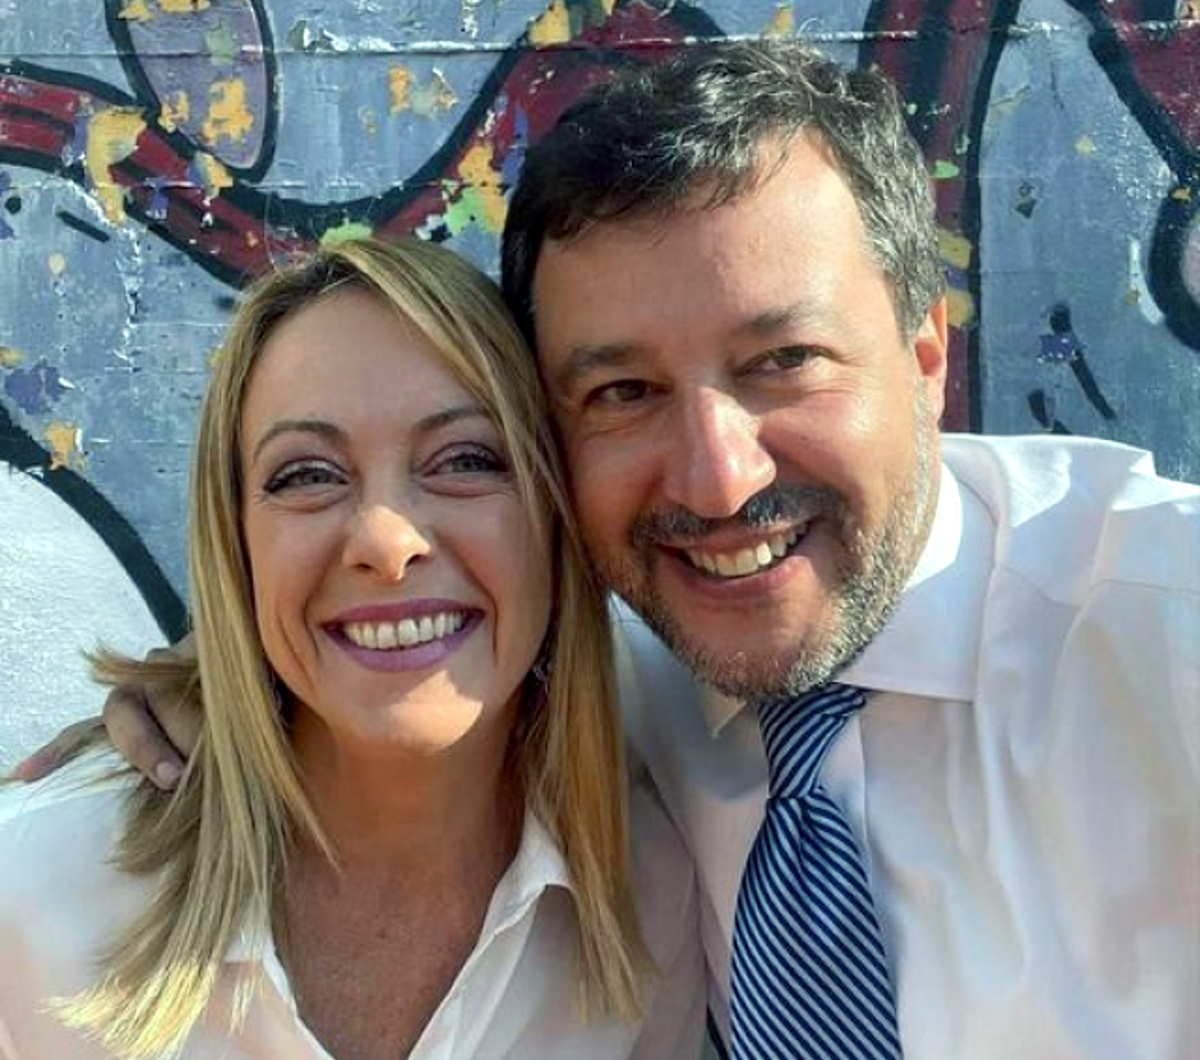 Il silenzio social di Salvini e Meloni sui fatti di Roma